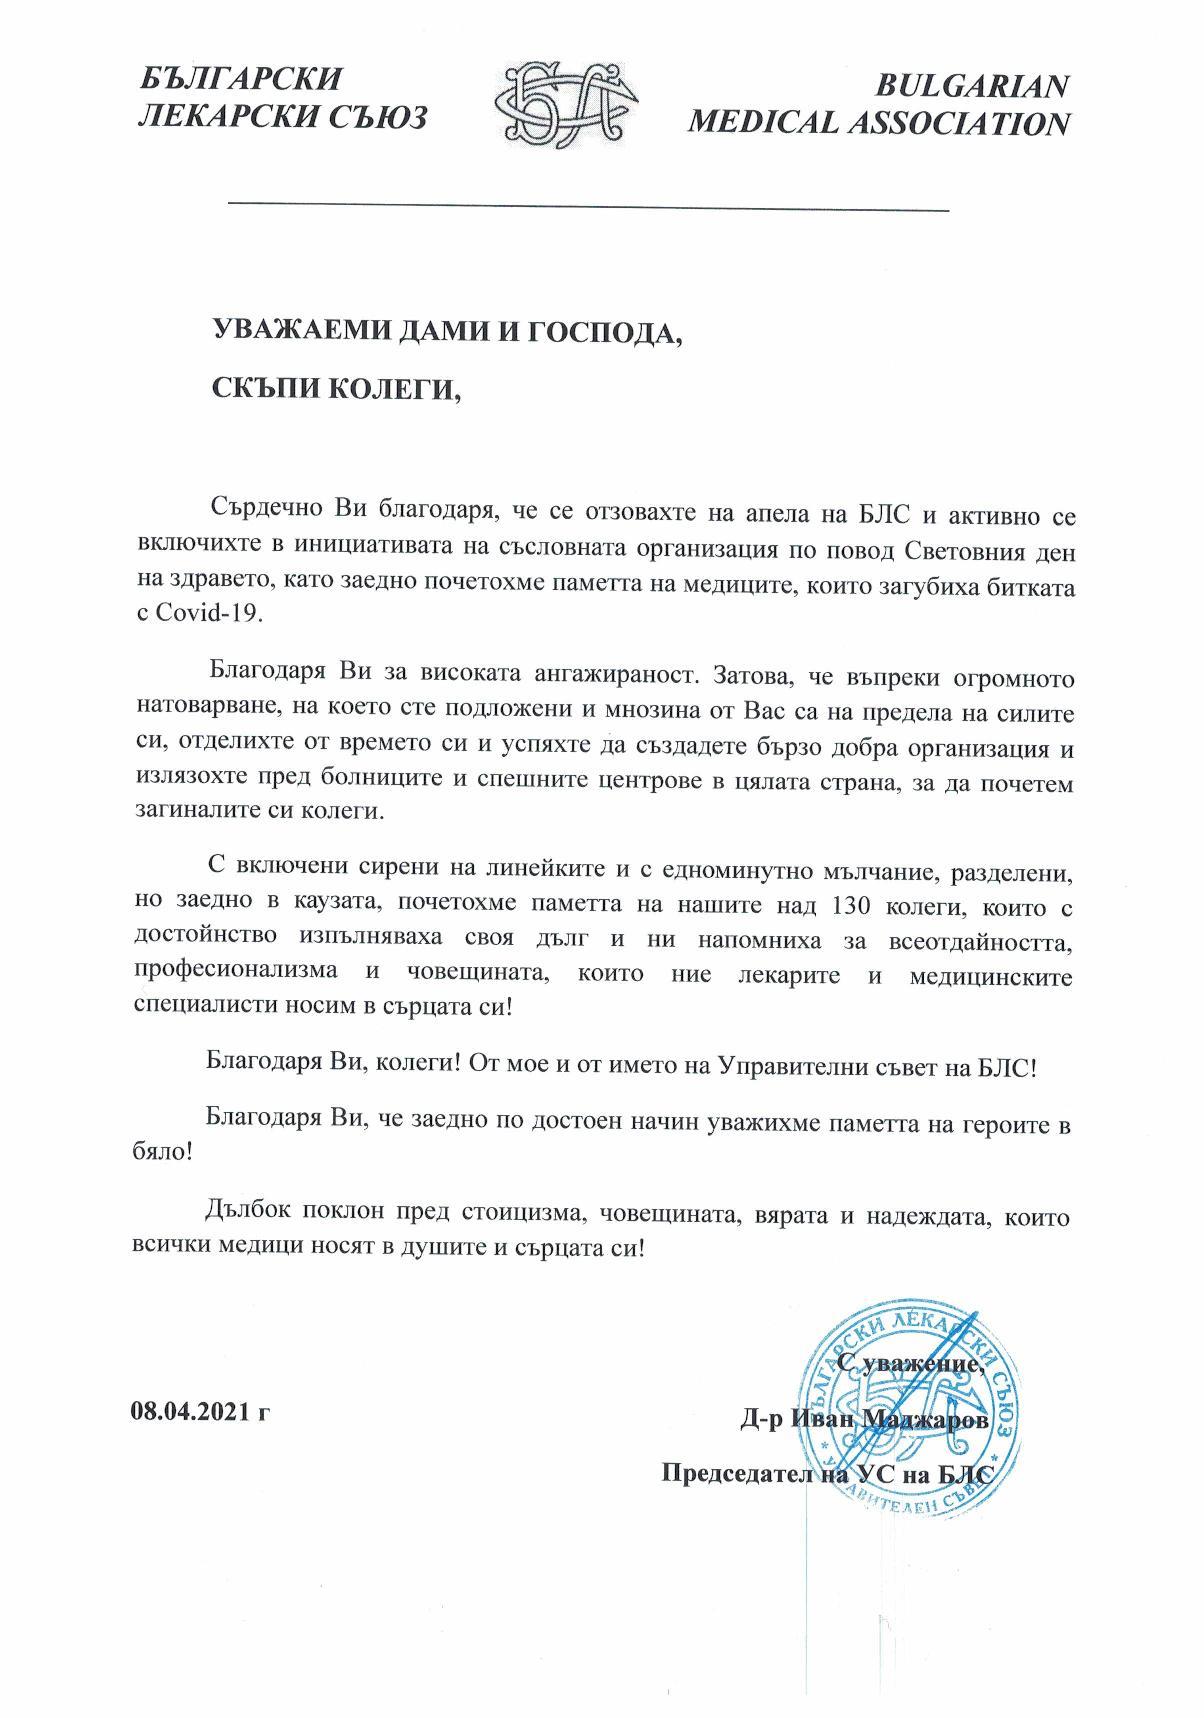 Благодарствено писмо от председателя на БЛС д-р Иван Маджаров